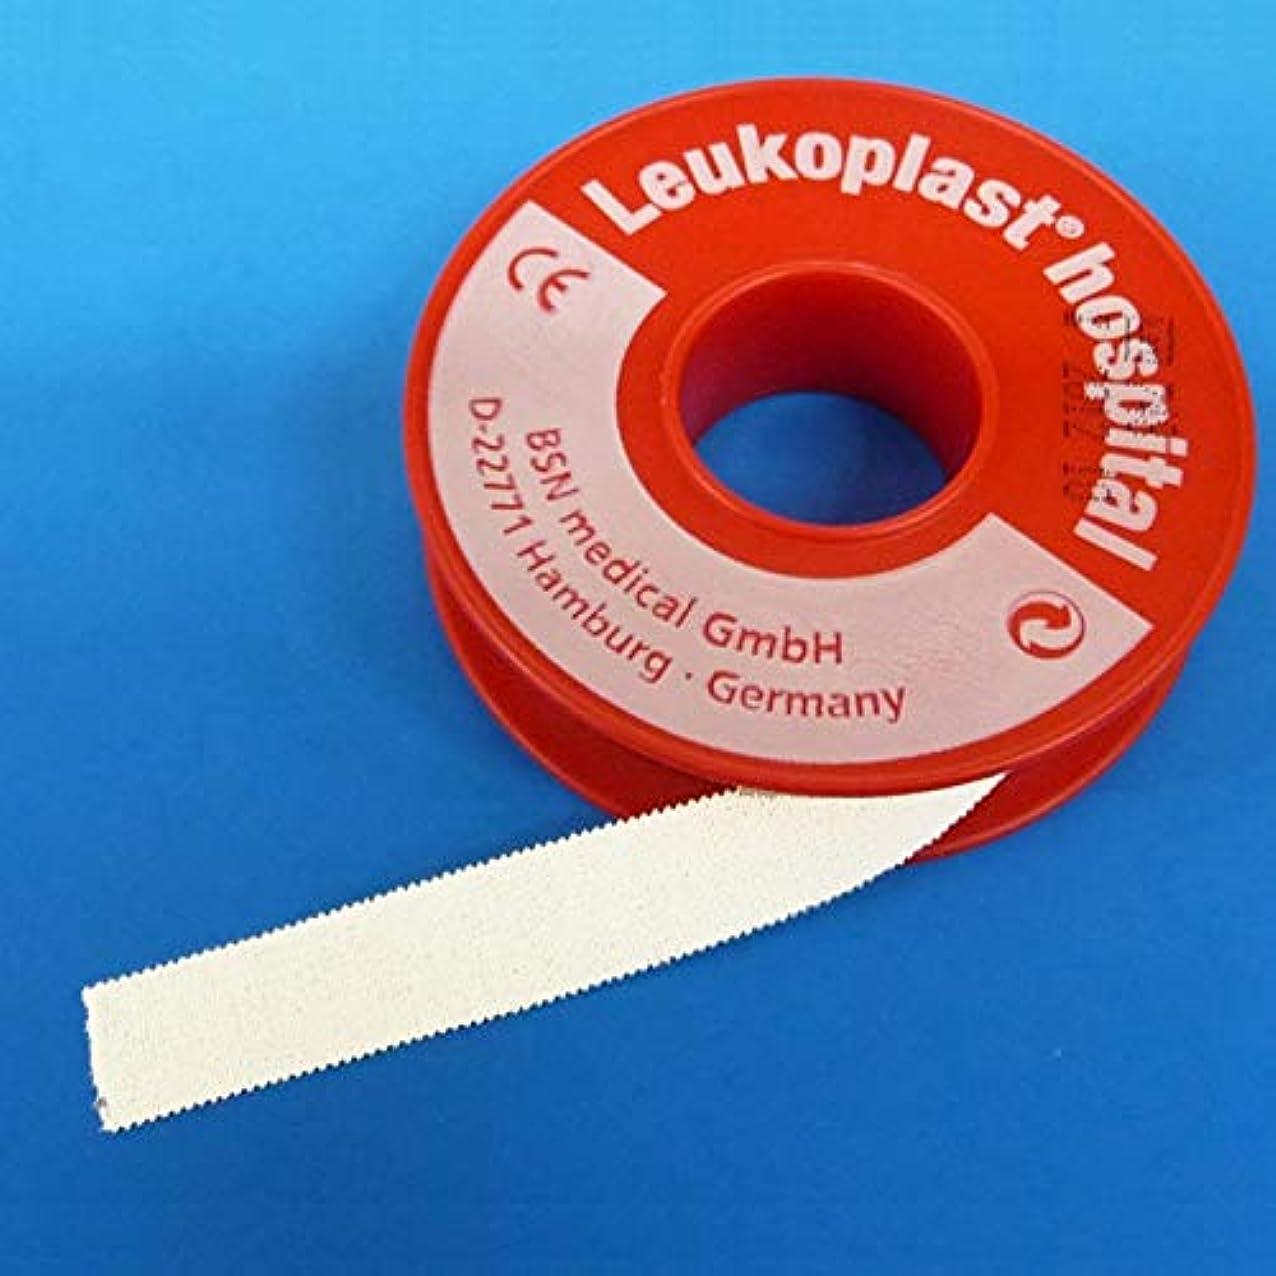 病気肥料マイルロイコプラスト ホスピタル 1.25cm×9.2m 24ロール入 JW-PL01756